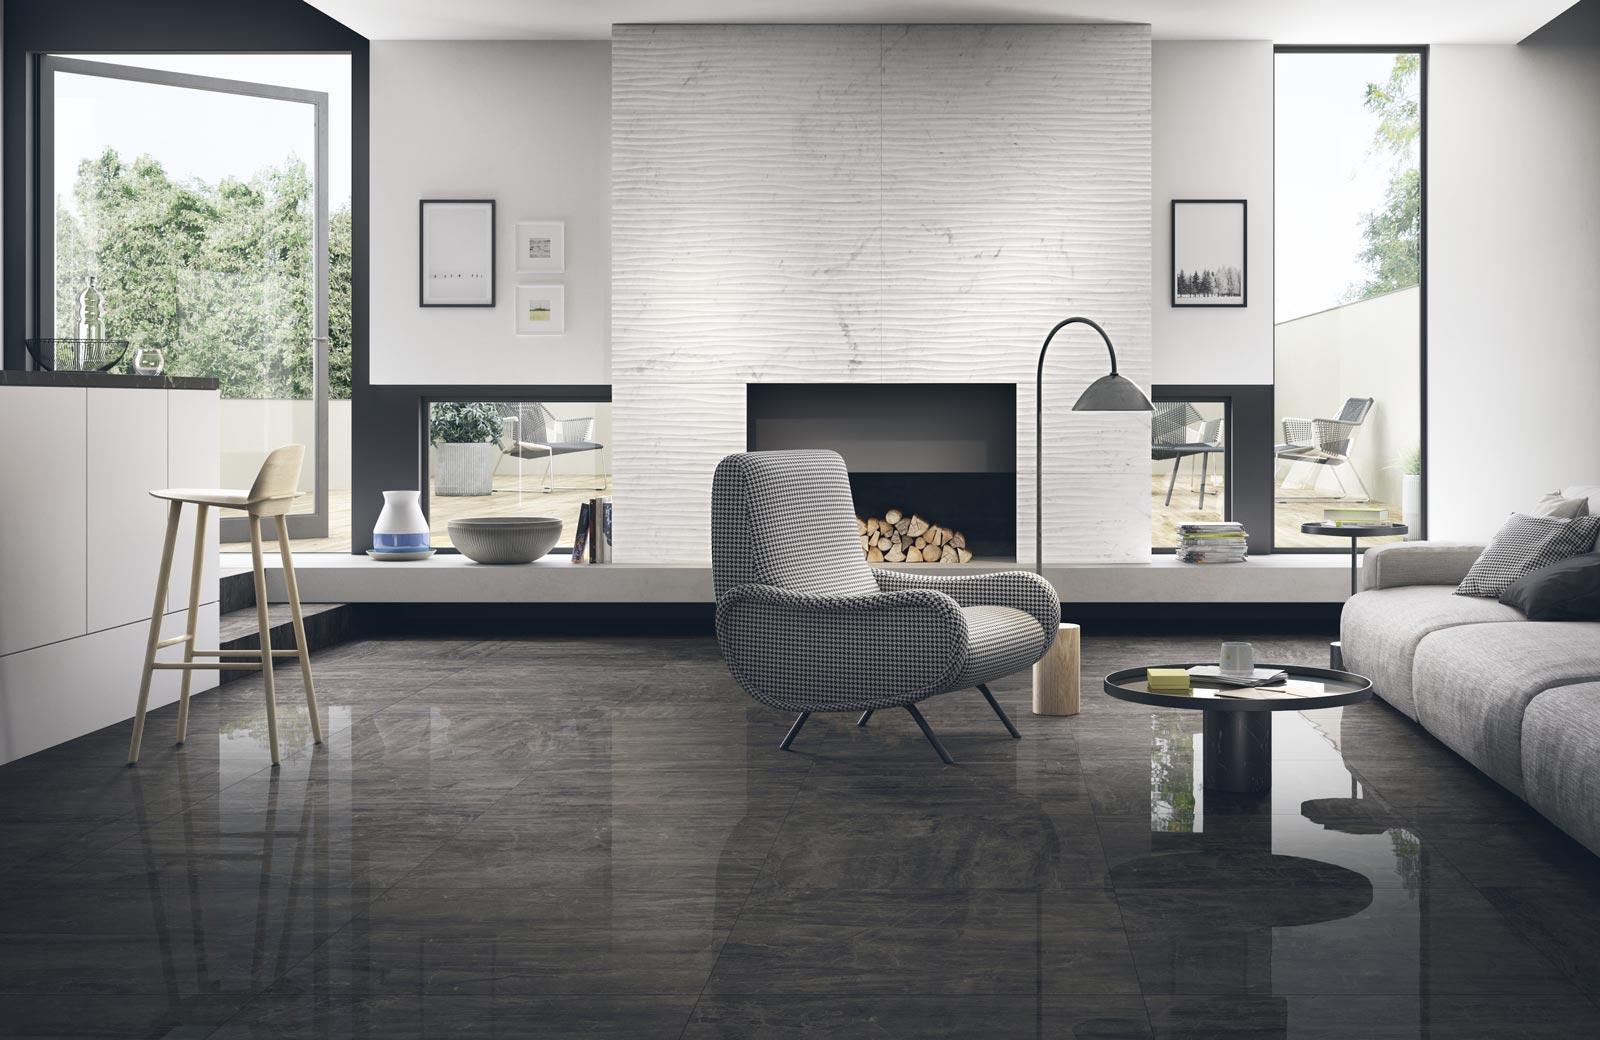 bistrot lmcs la maison du carrelage balma toulouse. Black Bedroom Furniture Sets. Home Design Ideas